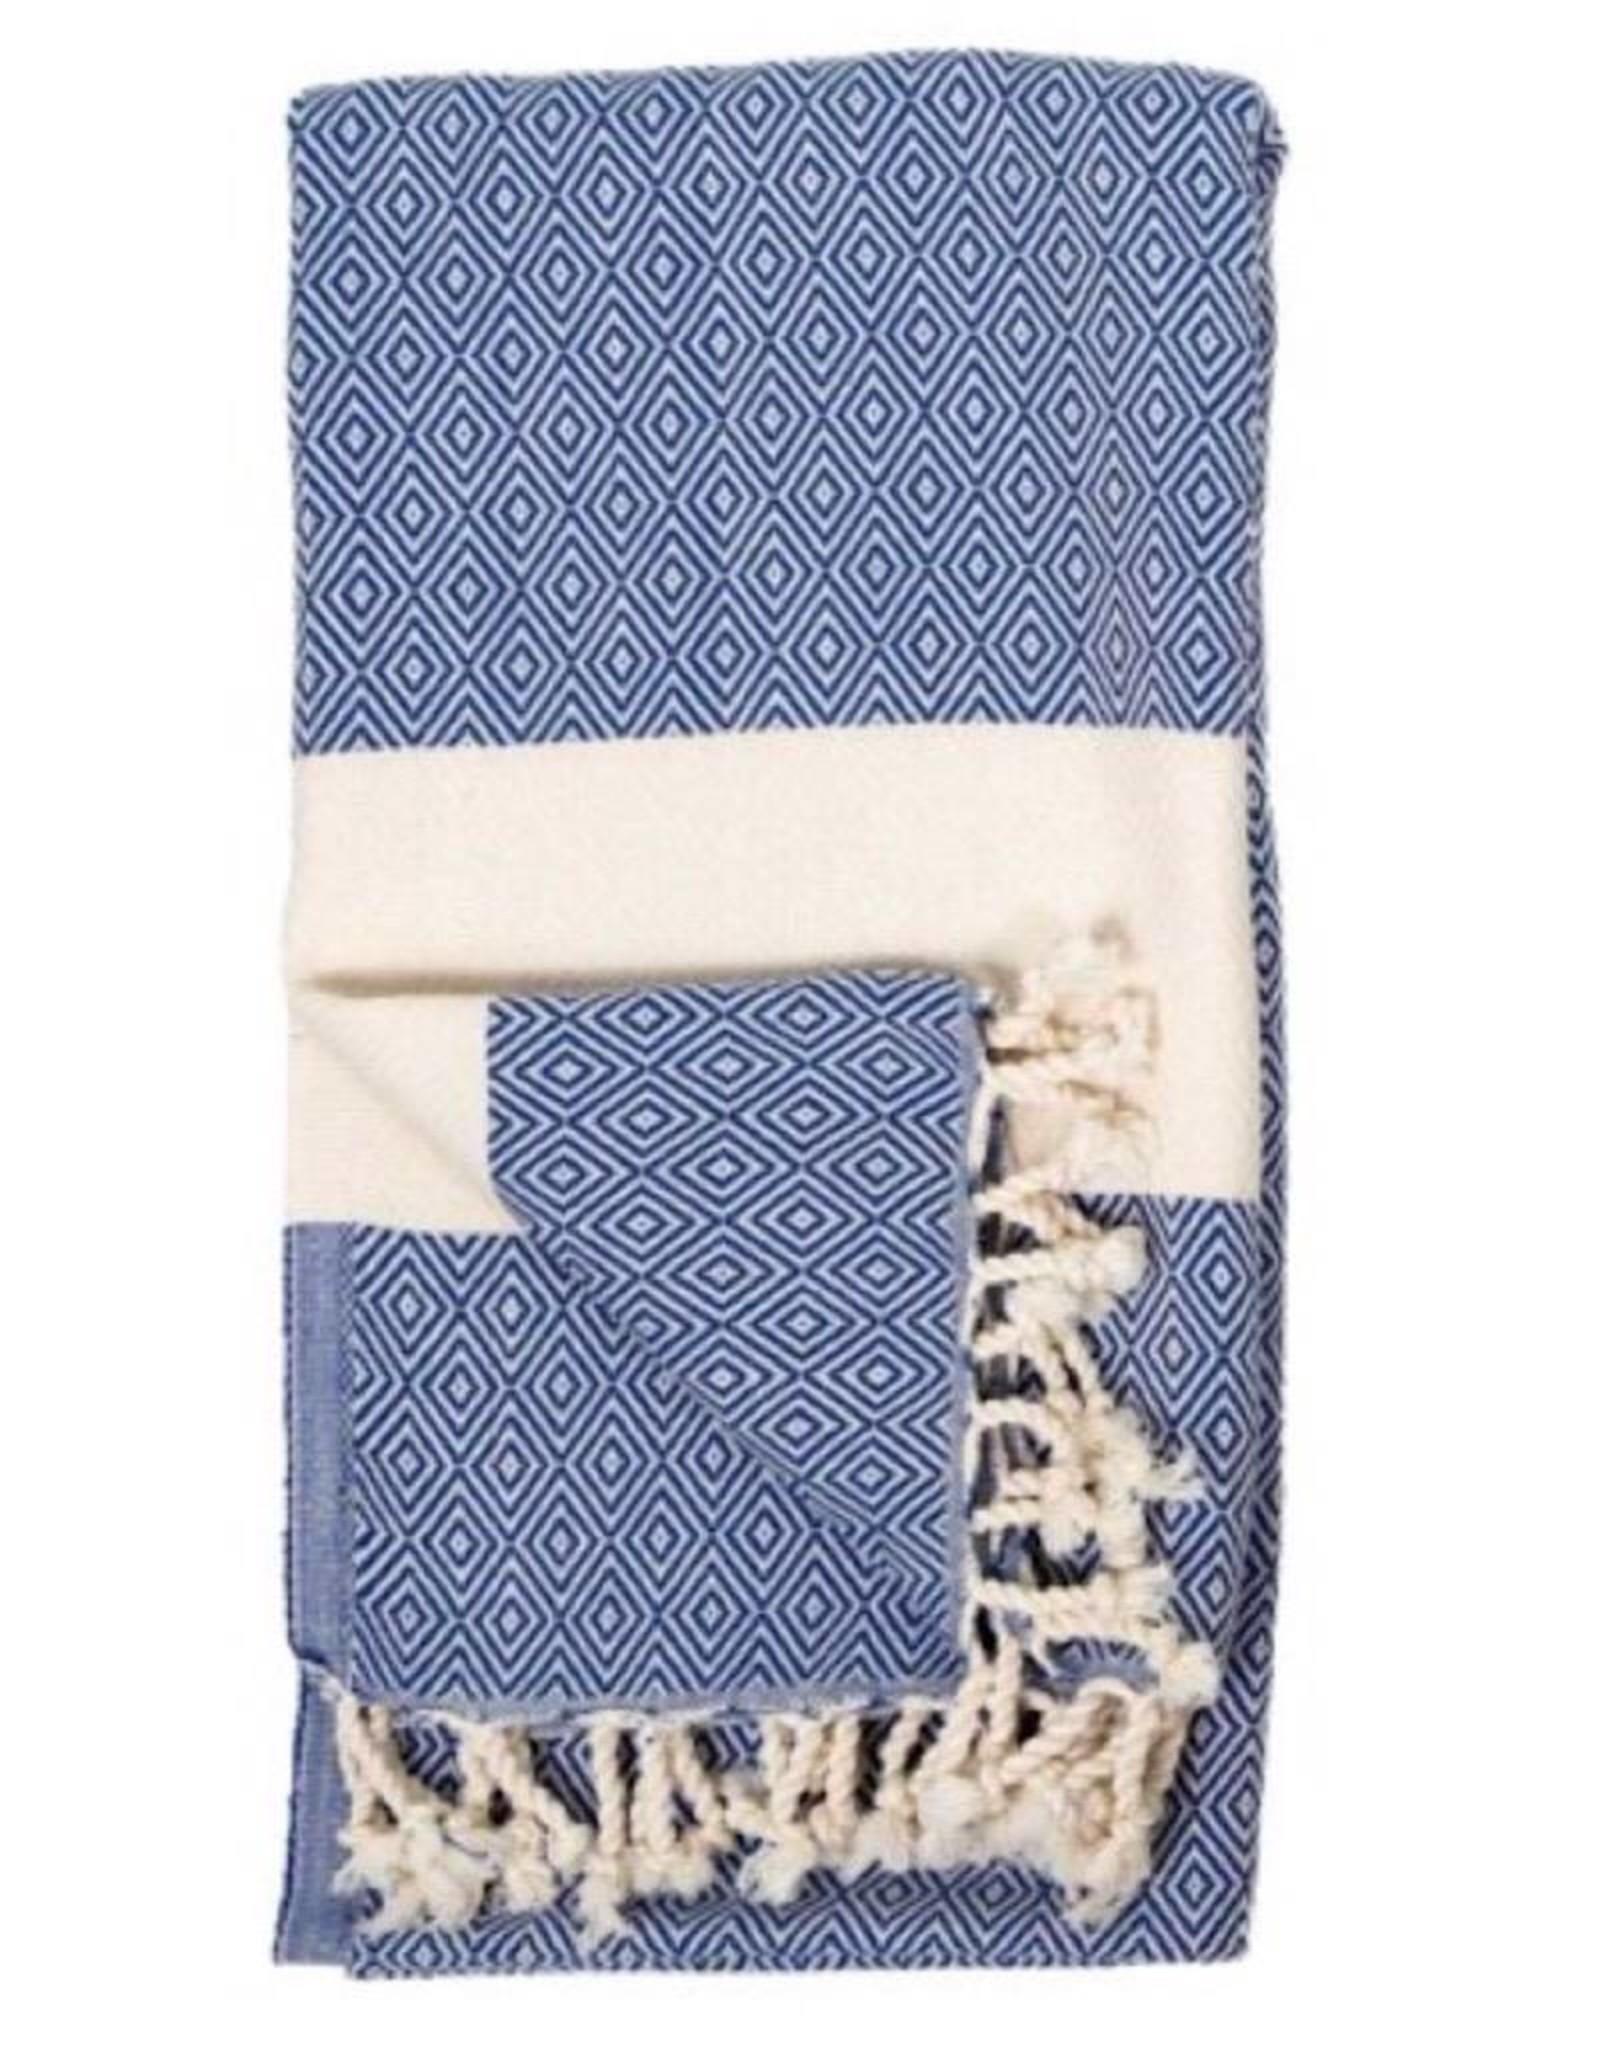 TTD13 turkish towel  Diamond Navy